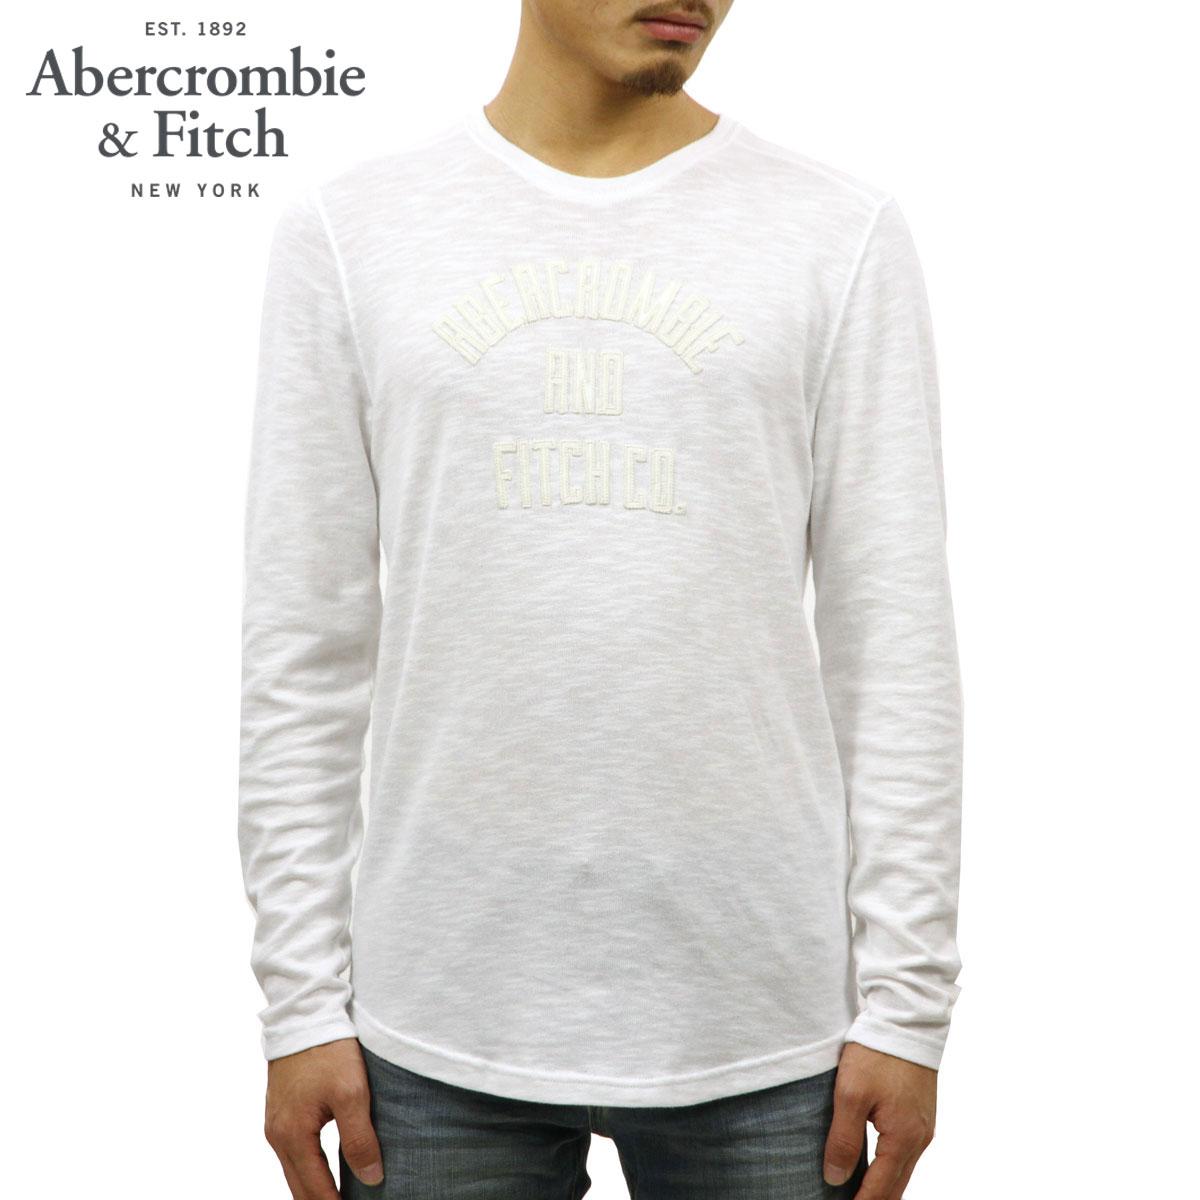 アバクロ Abercrombie&Fitch 正規品 メンズ 長袖Tシャツ LONG SLEEVE GRAPHIC TEE 123-238-2174-102